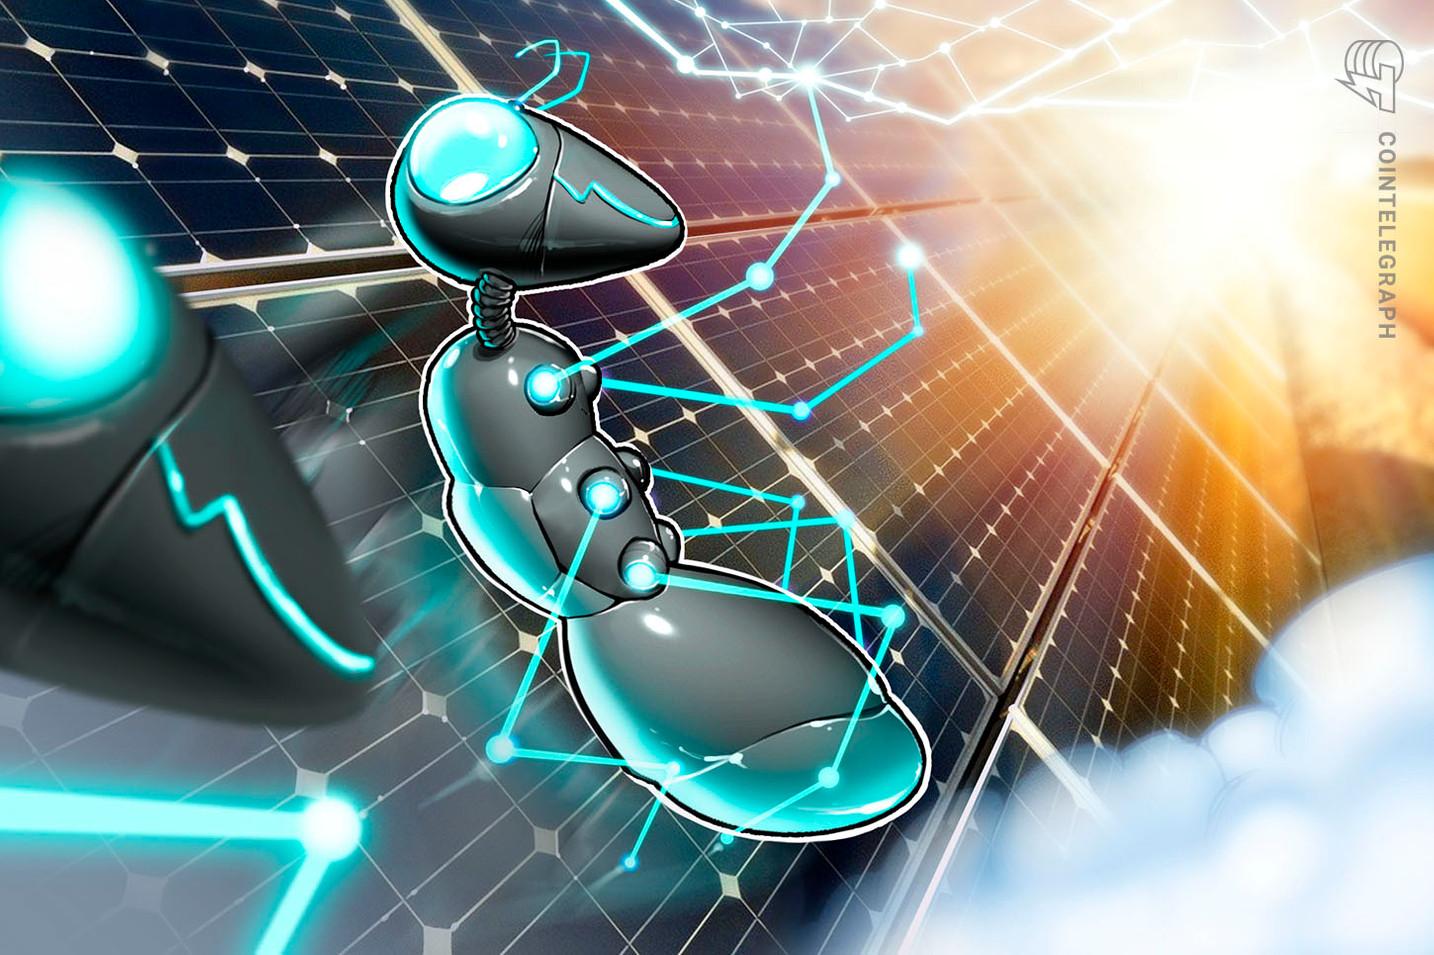 Japanischer Energieriese Tepco: Bürger sollen Stromüberschuss mittels Blockchain handeln können